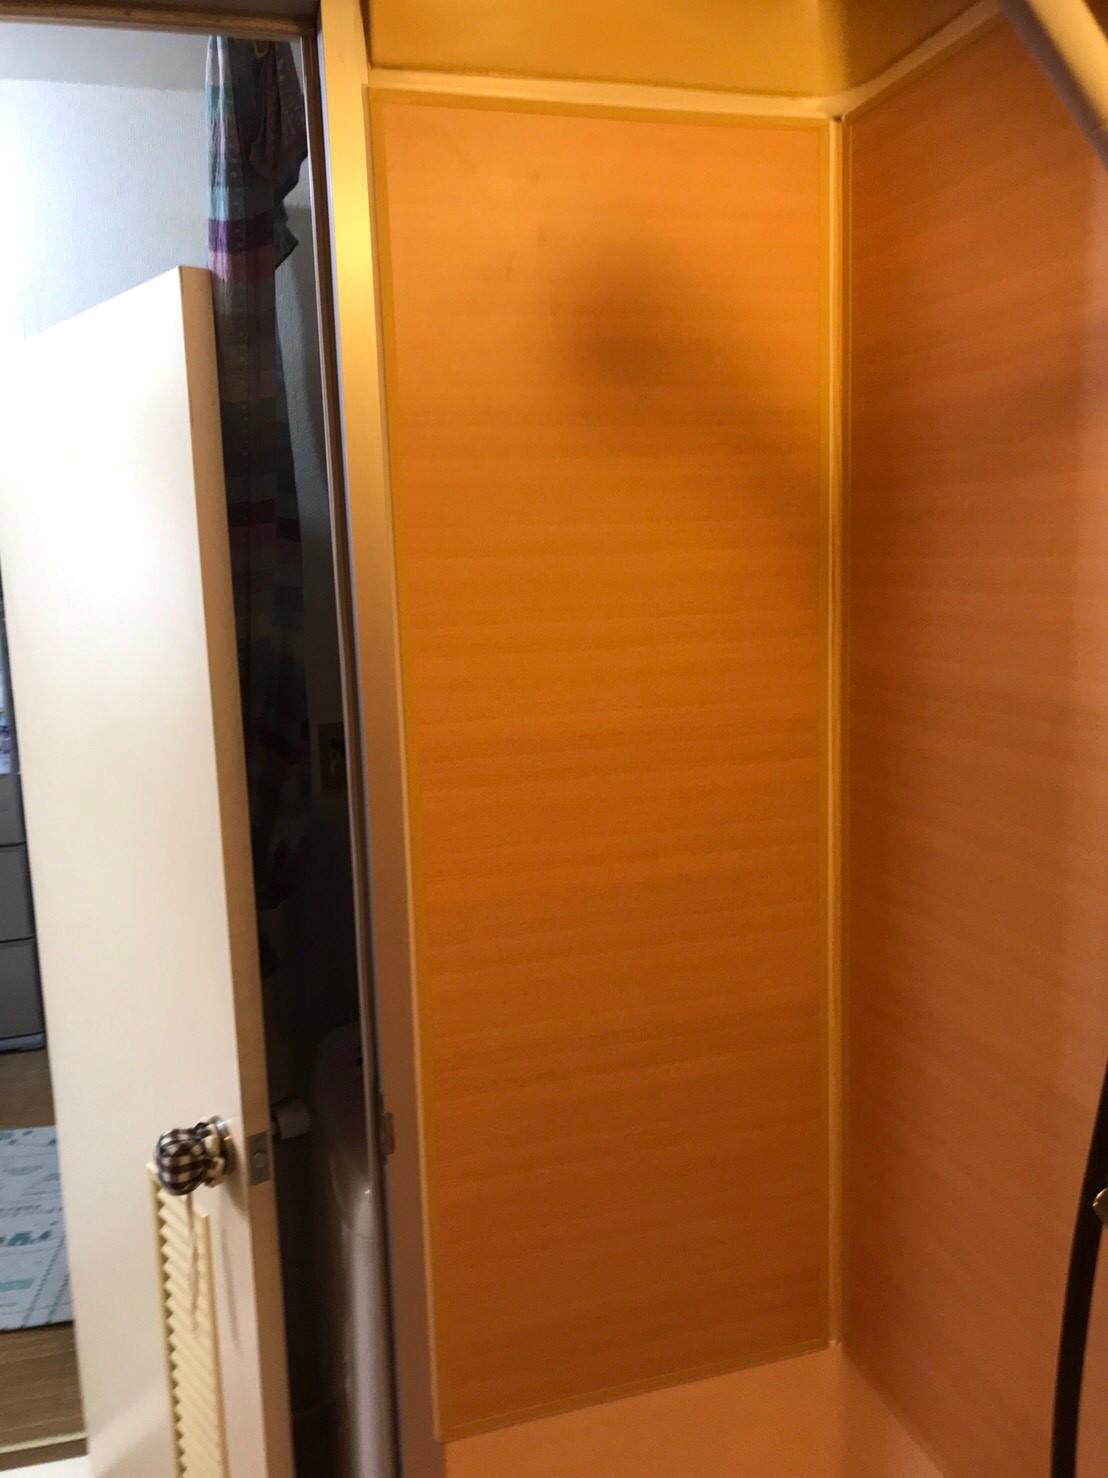 神奈川県横浜市港北区マンション浴室壁リフォーム工事